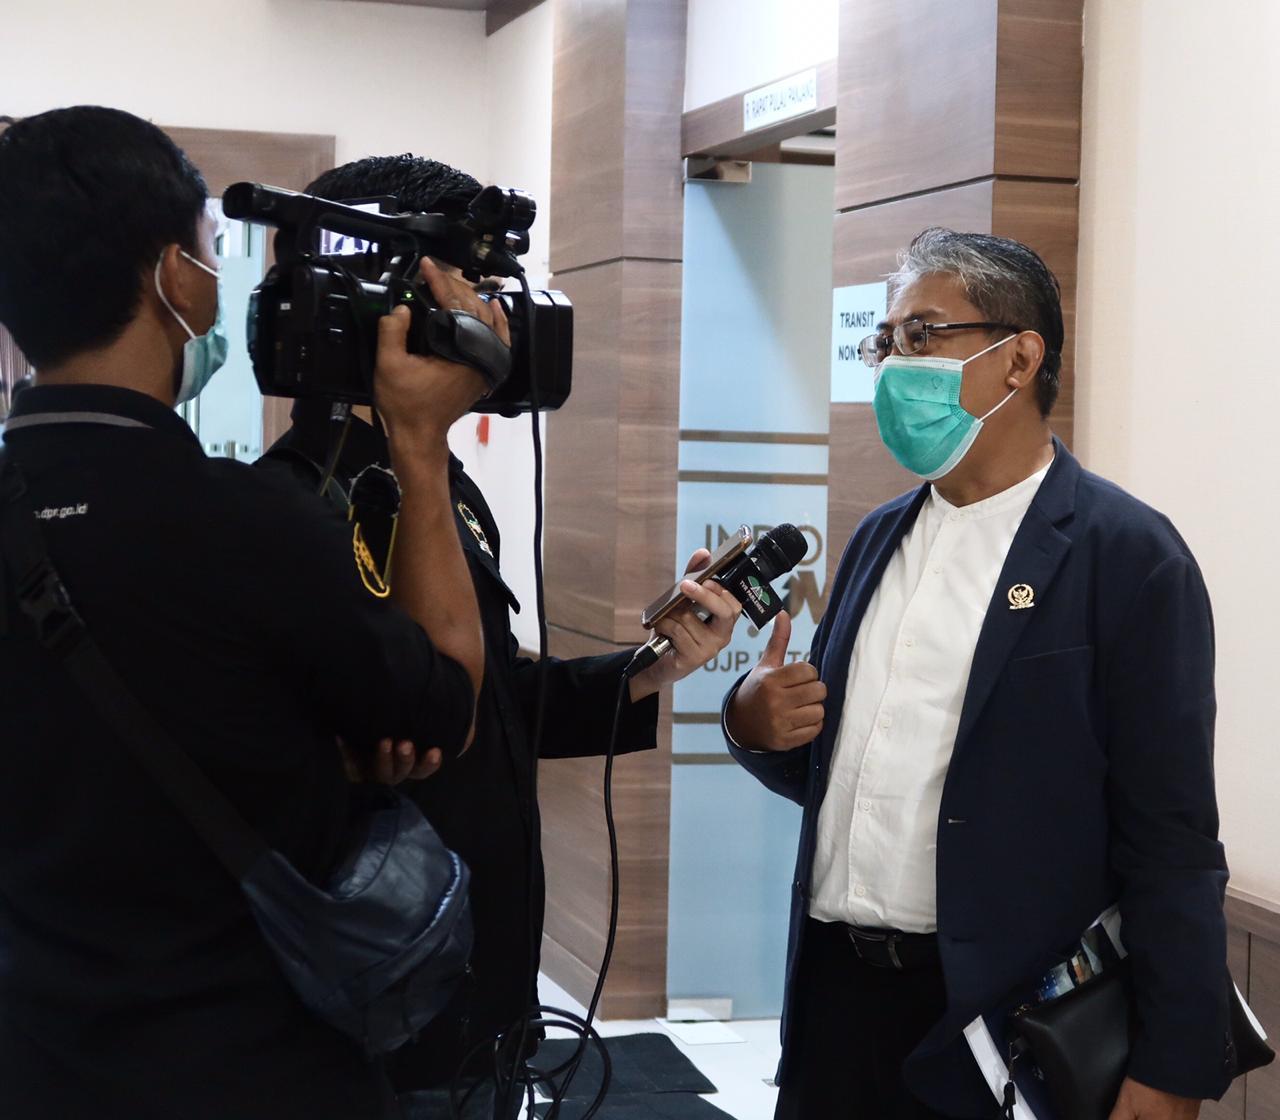 Mantan Pejabat Negara asal Banten Sebut Pemerintah Bohong soal Penggabungan Kemenristek dengan Kemendikbud